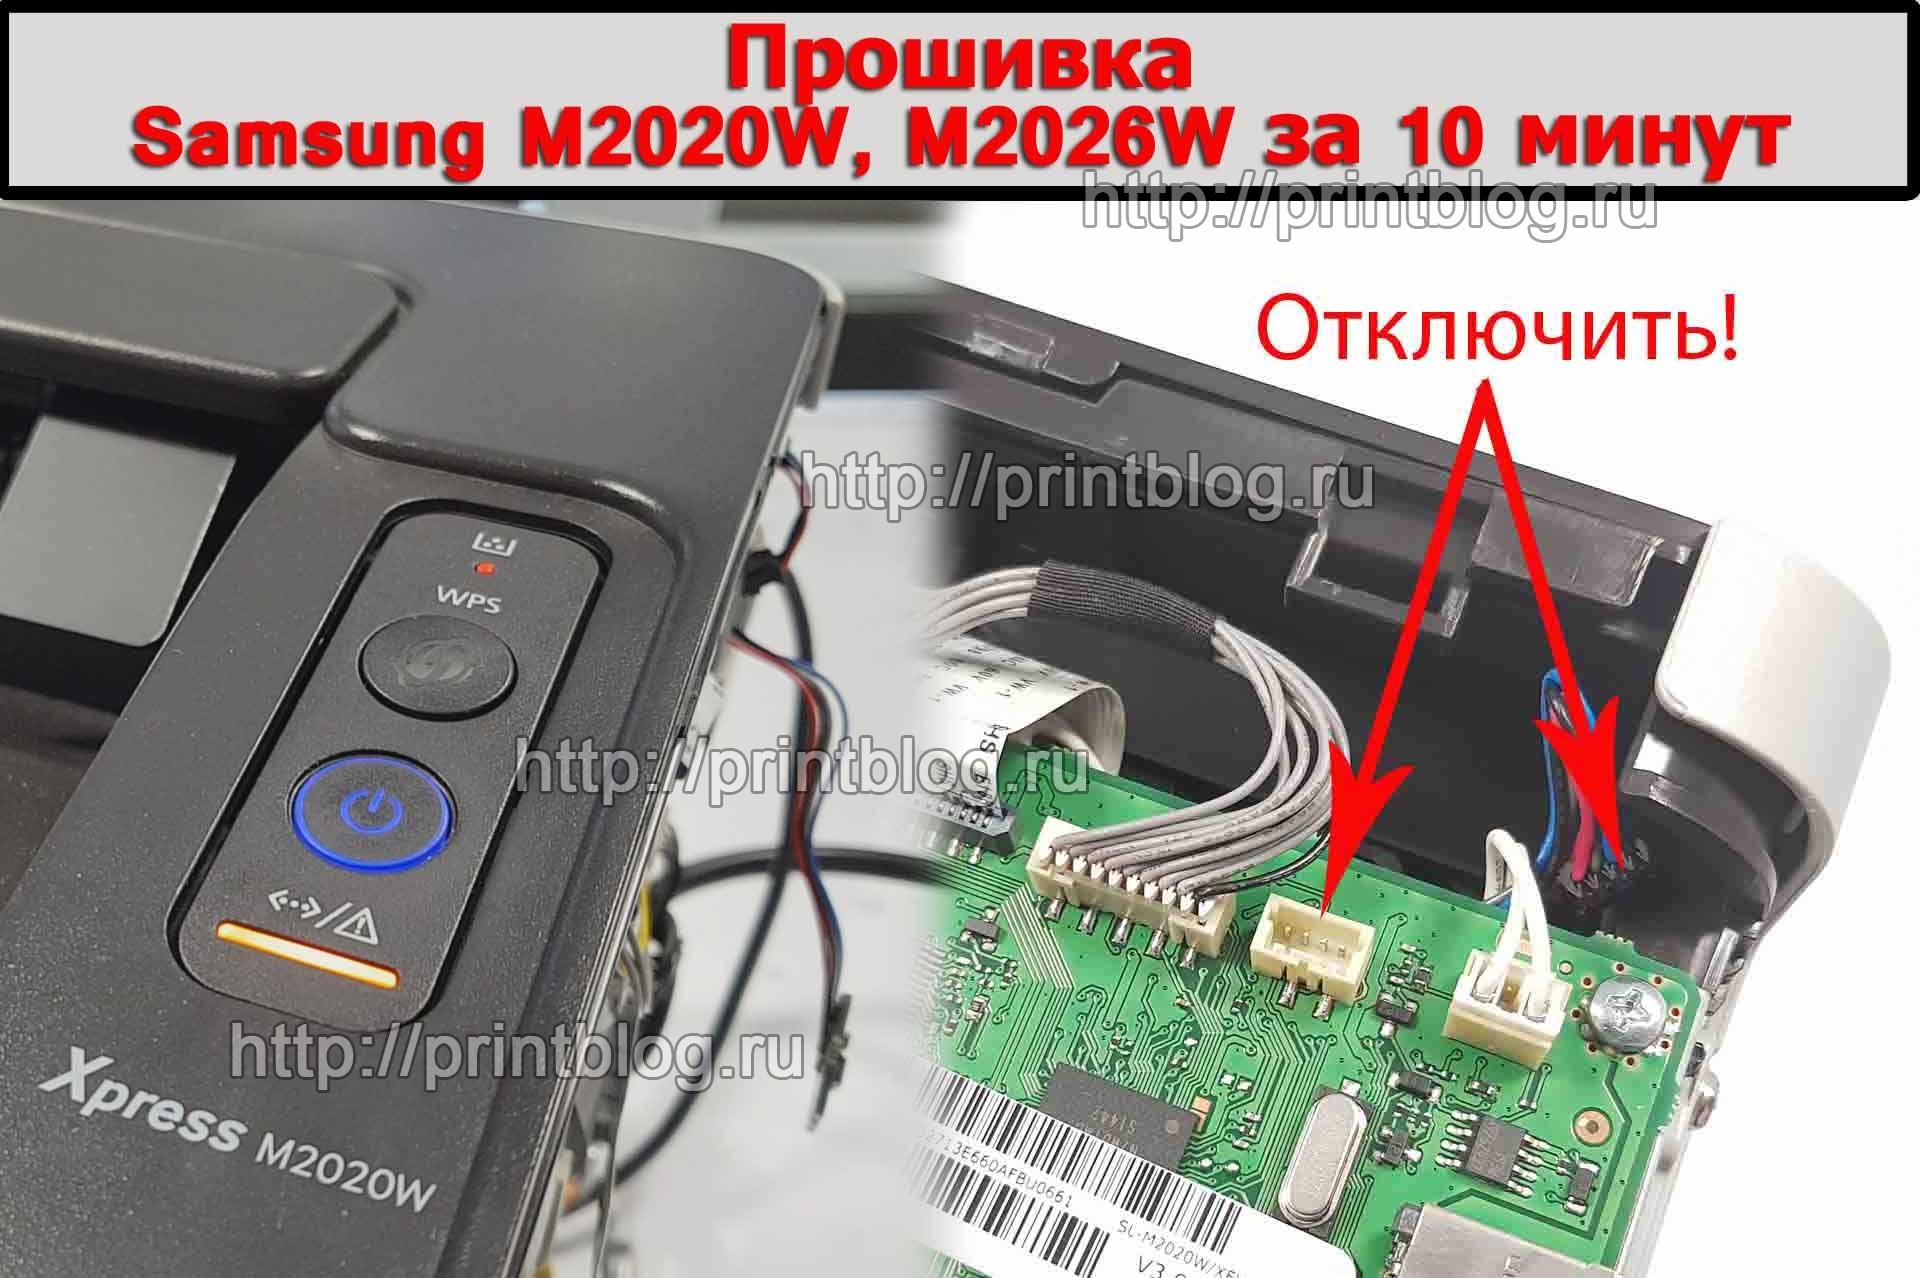 Прошивка Samsung M2020W M2026W за 10 минут